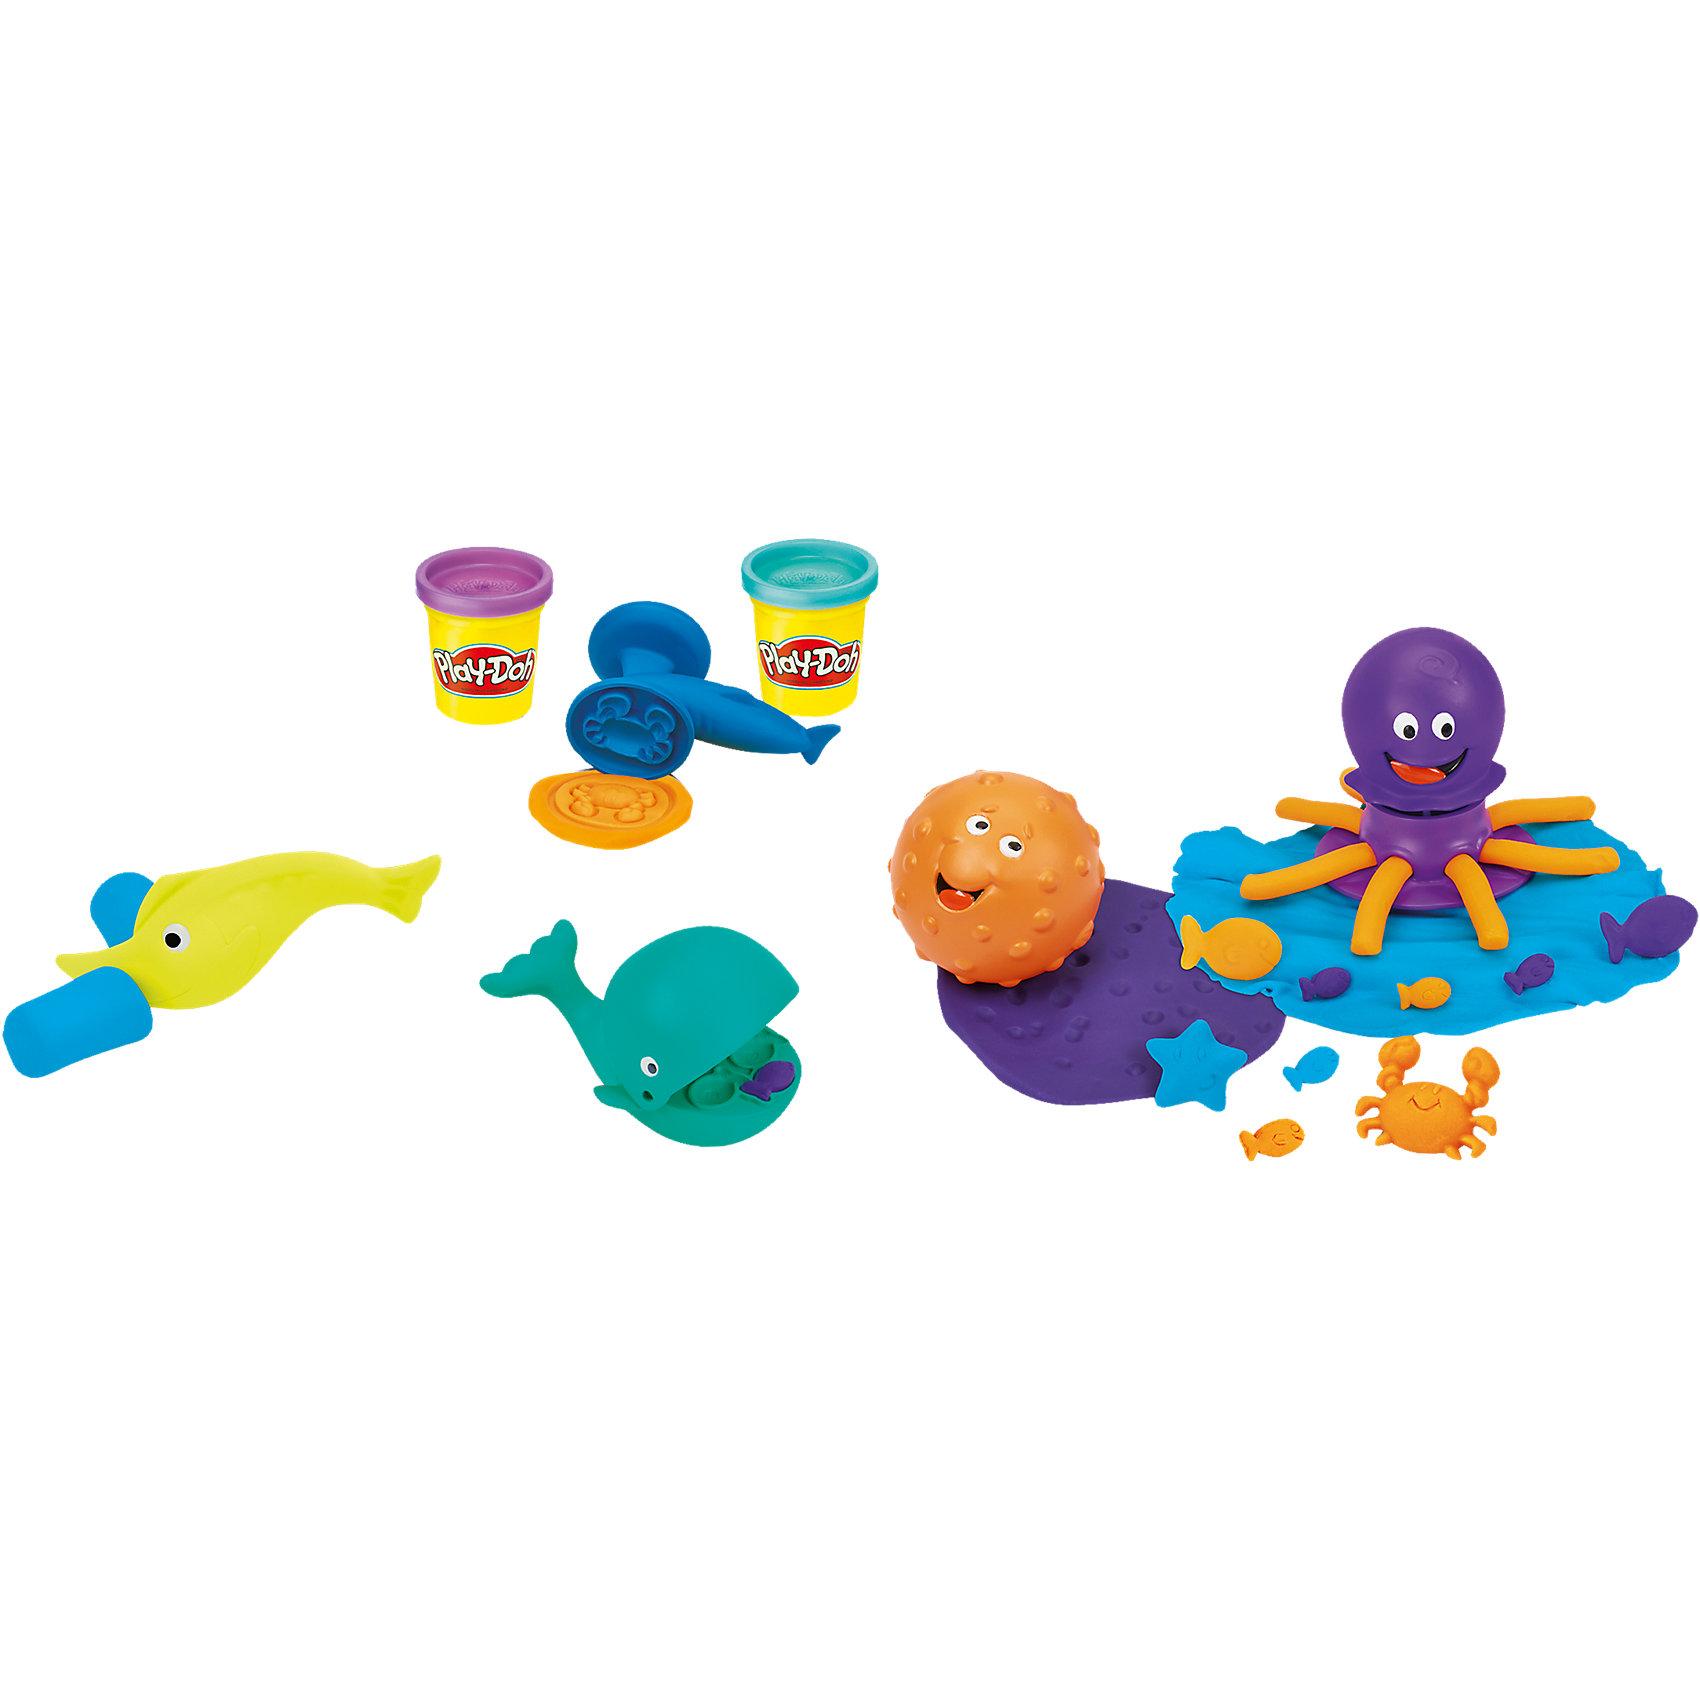 Игровой набор Подводный мир, Play-DohИгровой набор Подводный мир, Play-Doh (Плэй-До) подарит много часов веселья и полезного времяпрепровождения: режь, штампуй, выдавливай, раскатывай и многое другое!<br><br>Характеристики:<br>-Пластилин создан из пищевых компонентов, благодаря чему он абсолютно безопасен <br>-Пластилин не липнет к рукам, не оставляет следов на одежде, имеет приятный запах<br><br>Комплектация: штамп акула-молот, ролик рыба-молот, экструдер-осьминог, рыба-резак, форма для выдавливания в виде кита , 3 баночки разноцветного пластилина<br><br>Дополнительная информация:<br>-Материалы: пластик, пластилин<br><br>Игровой набор Подводный мир от Плэй-До обязательно понравится всем маленьким любителям проводить время за лепкой!<br><br>Игровой набор Подводный мир, Play-Doh (Плэй-До) можно купить в нашем магазине.<br><br>Ширина мм: 211<br>Глубина мм: 180<br>Высота мм: 63<br>Вес г: 425<br>Возраст от месяцев: 36<br>Возраст до месяцев: 72<br>Пол: Унисекс<br>Возраст: Детский<br>SKU: 4156434